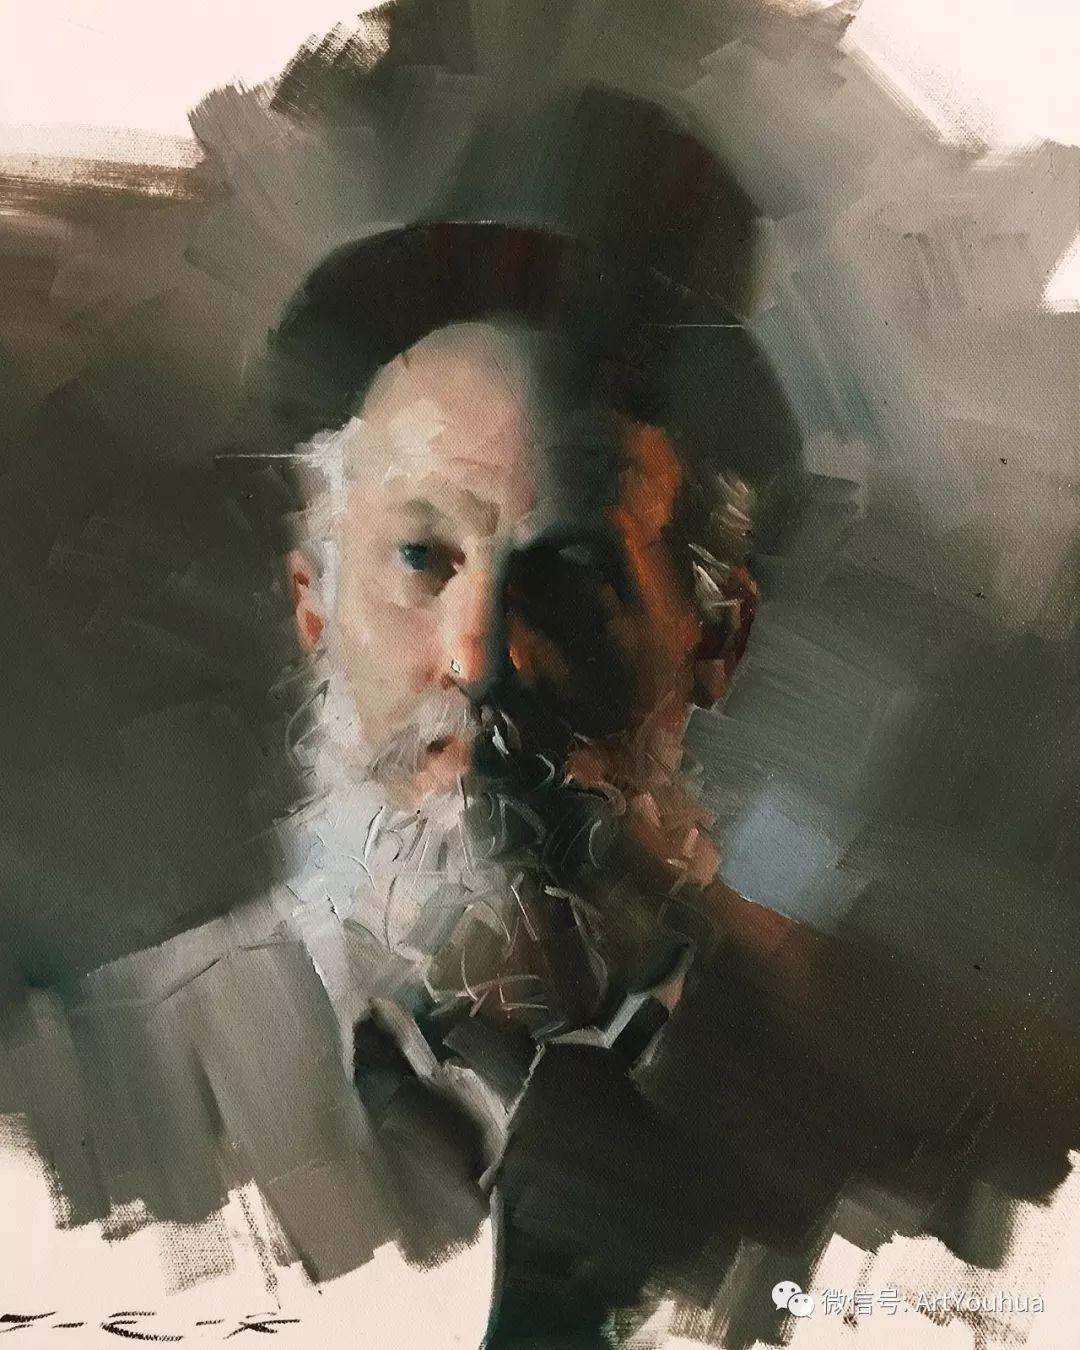 他的人物肖像绘画独具一格 还是位80后画家插图43